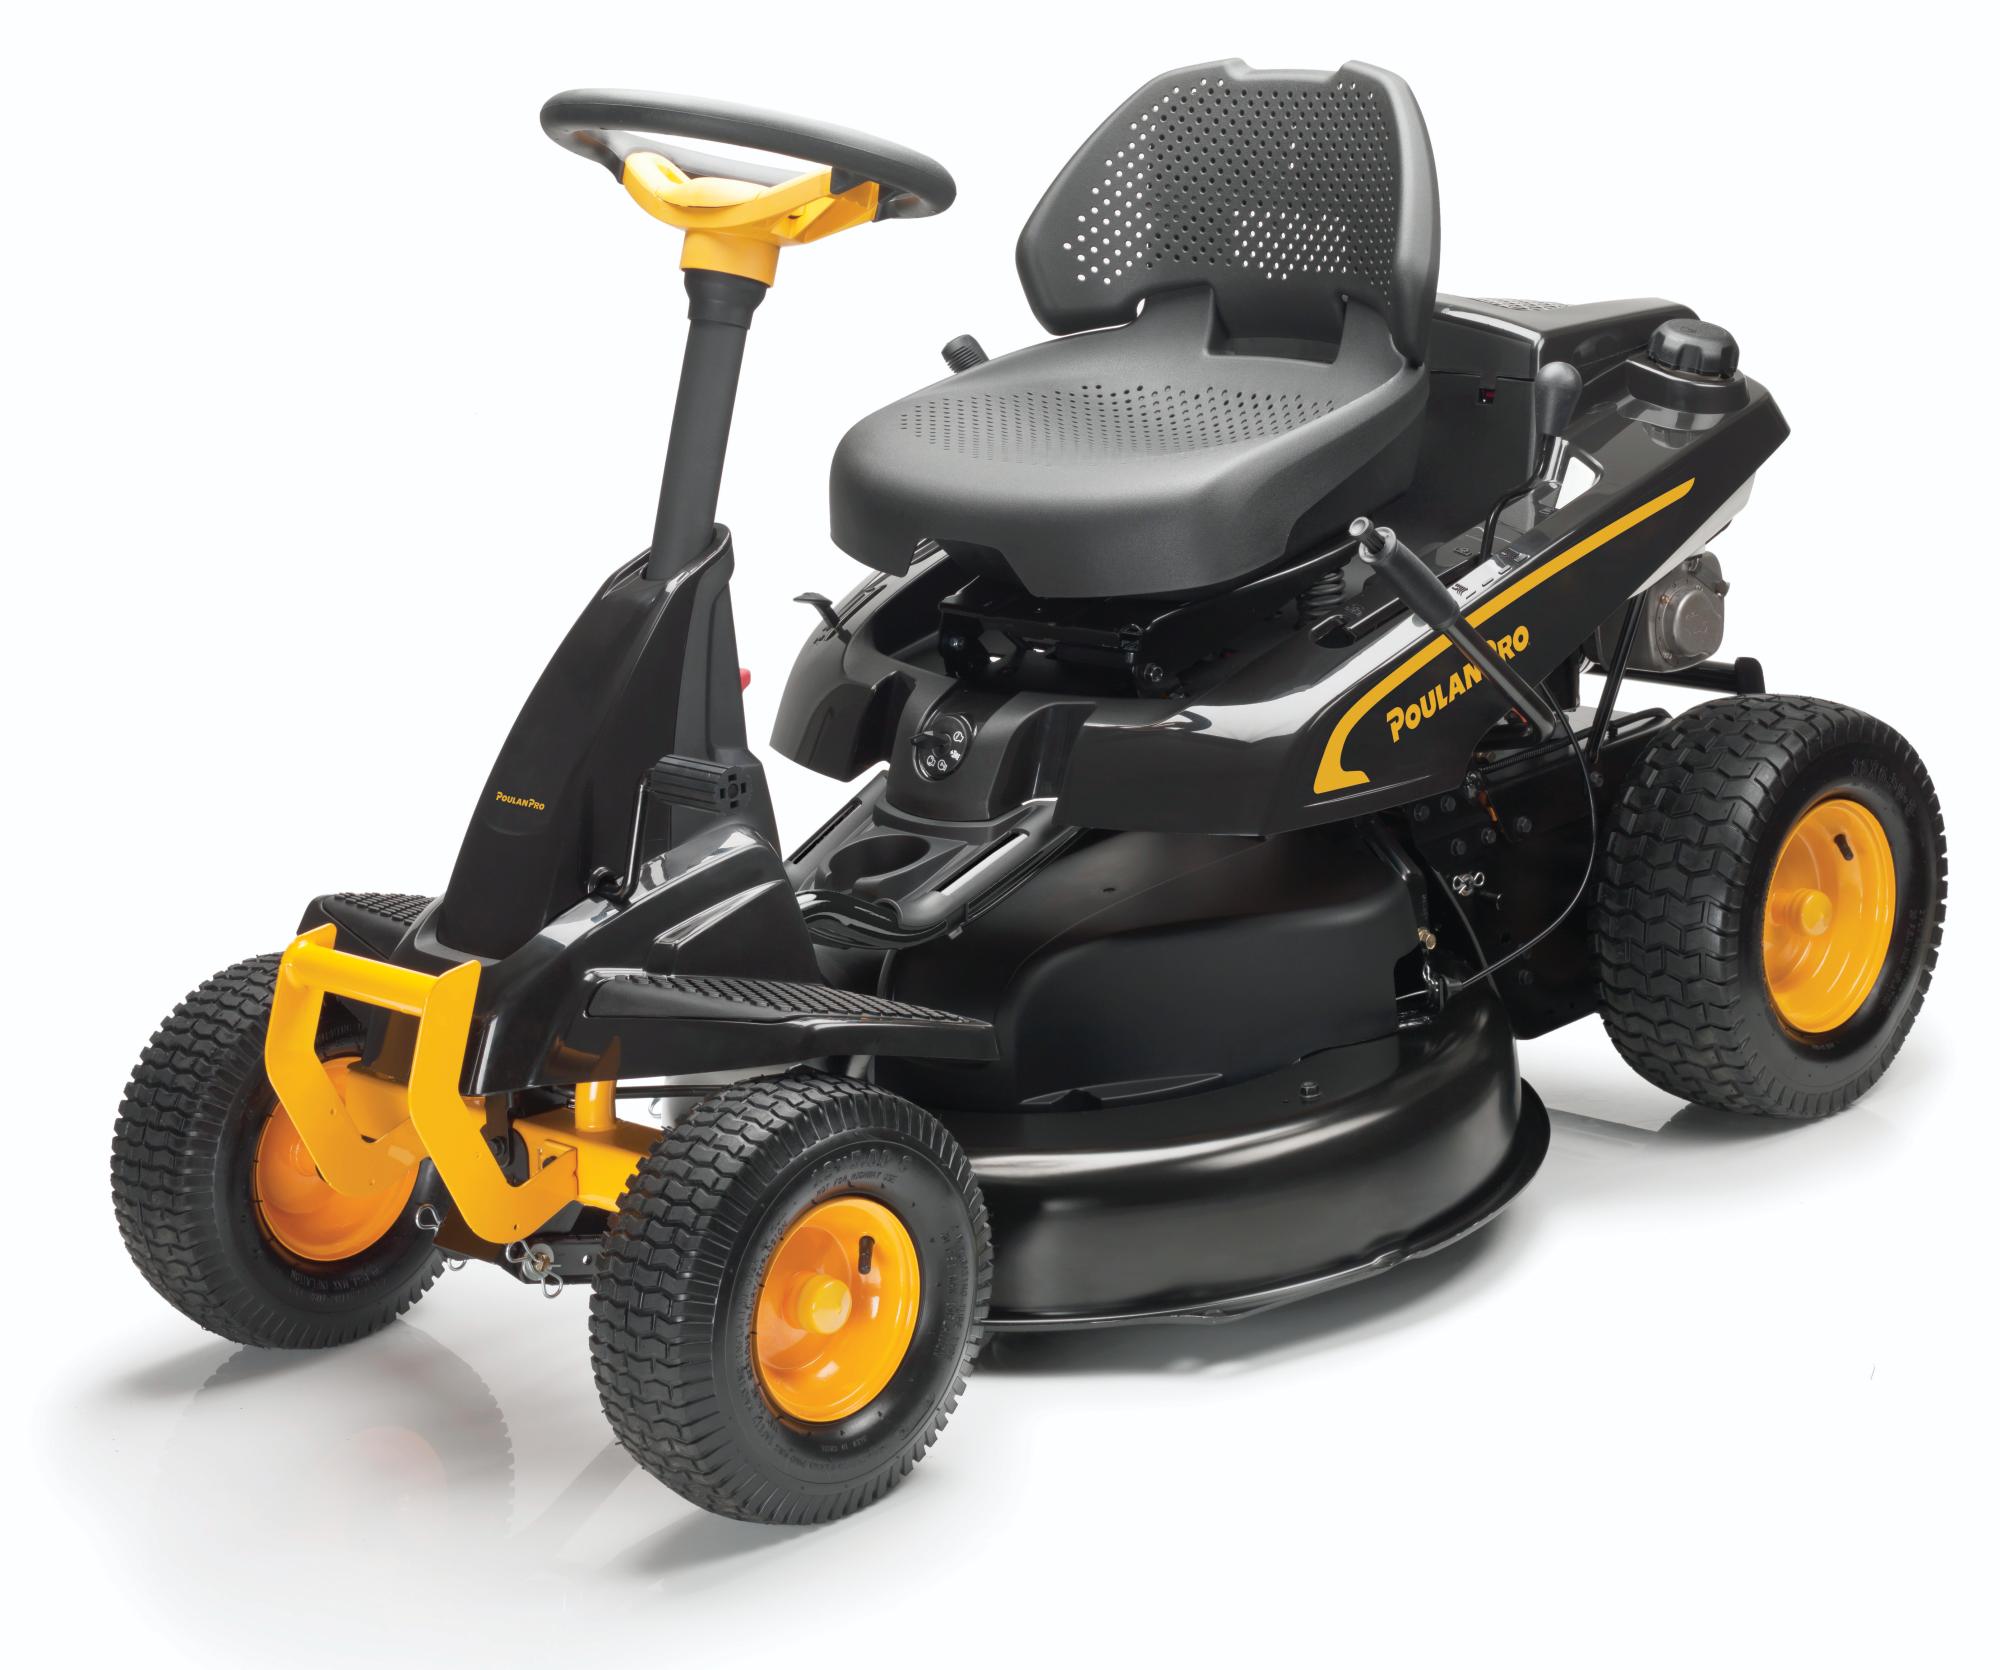 Poulan Pro 960220029 Poulan Pro 30 Inch 11 Hp Riding Mower